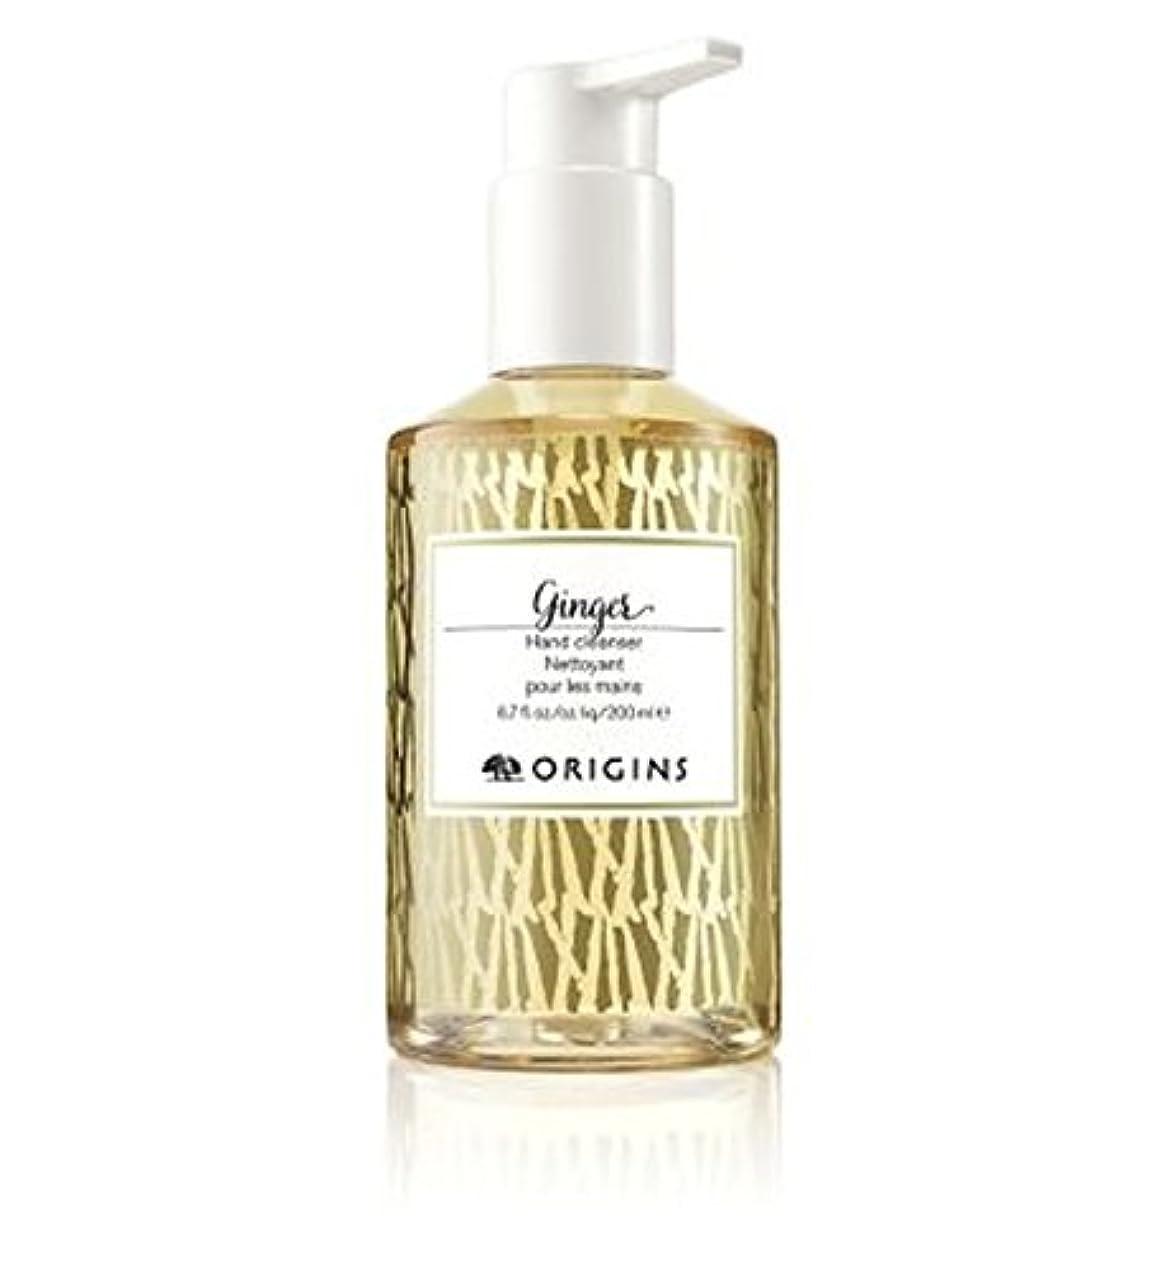 社交的実際に高潔なOrigins Ginger Hand cleanser - 起源ジンジャーハンドクレンザー (Origins) [並行輸入品]